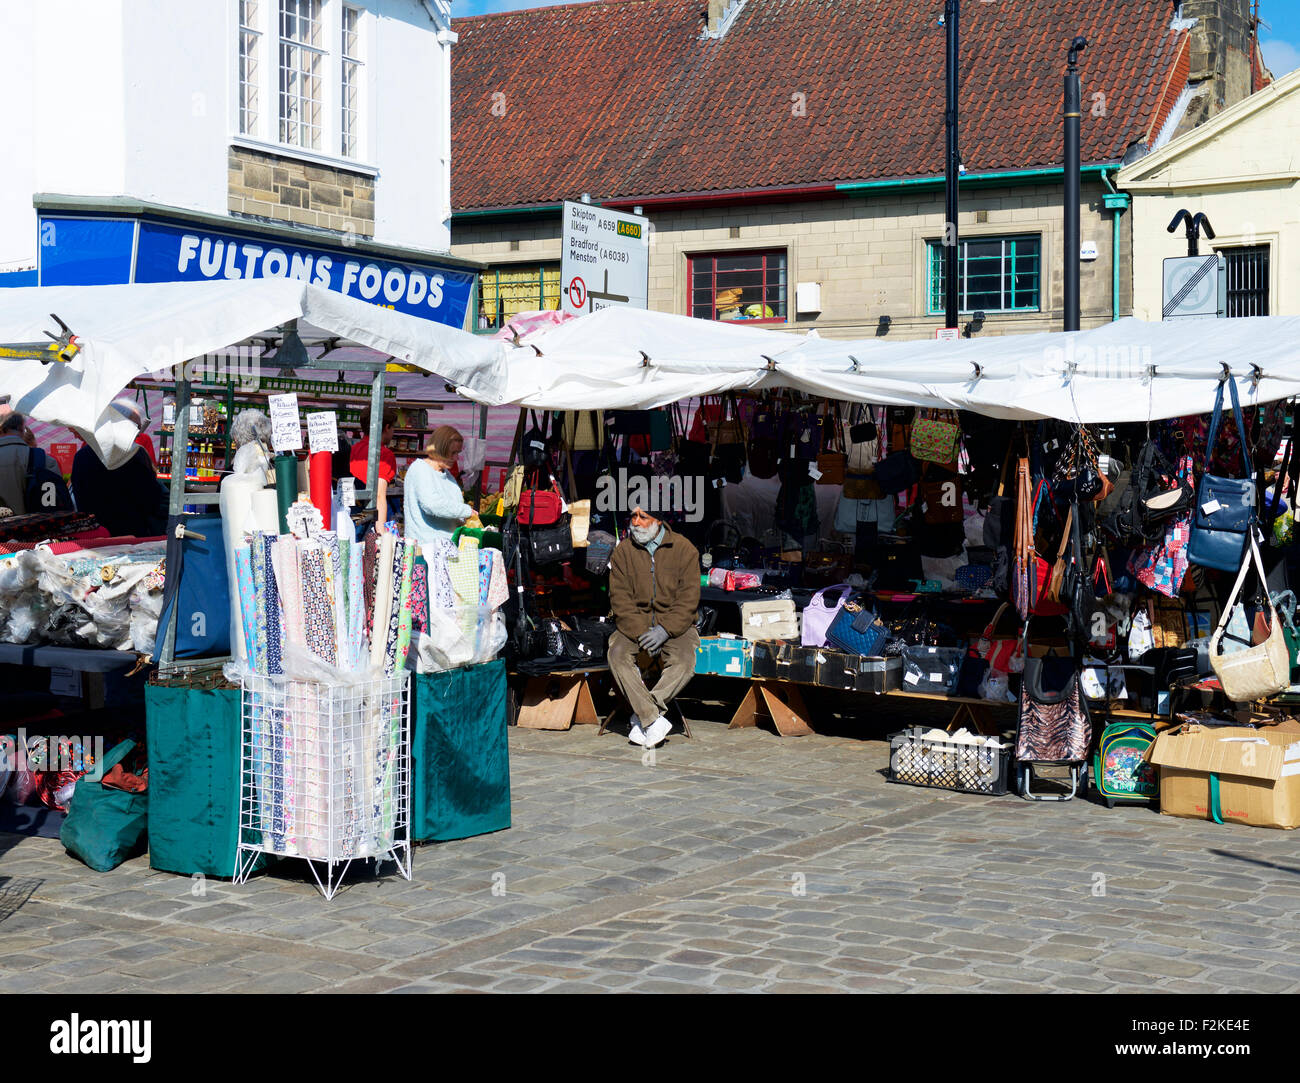 La religione sikh stallholder a Otley mercato, West Yorkshire, Inghilterra, Regno Unito Immagini Stock